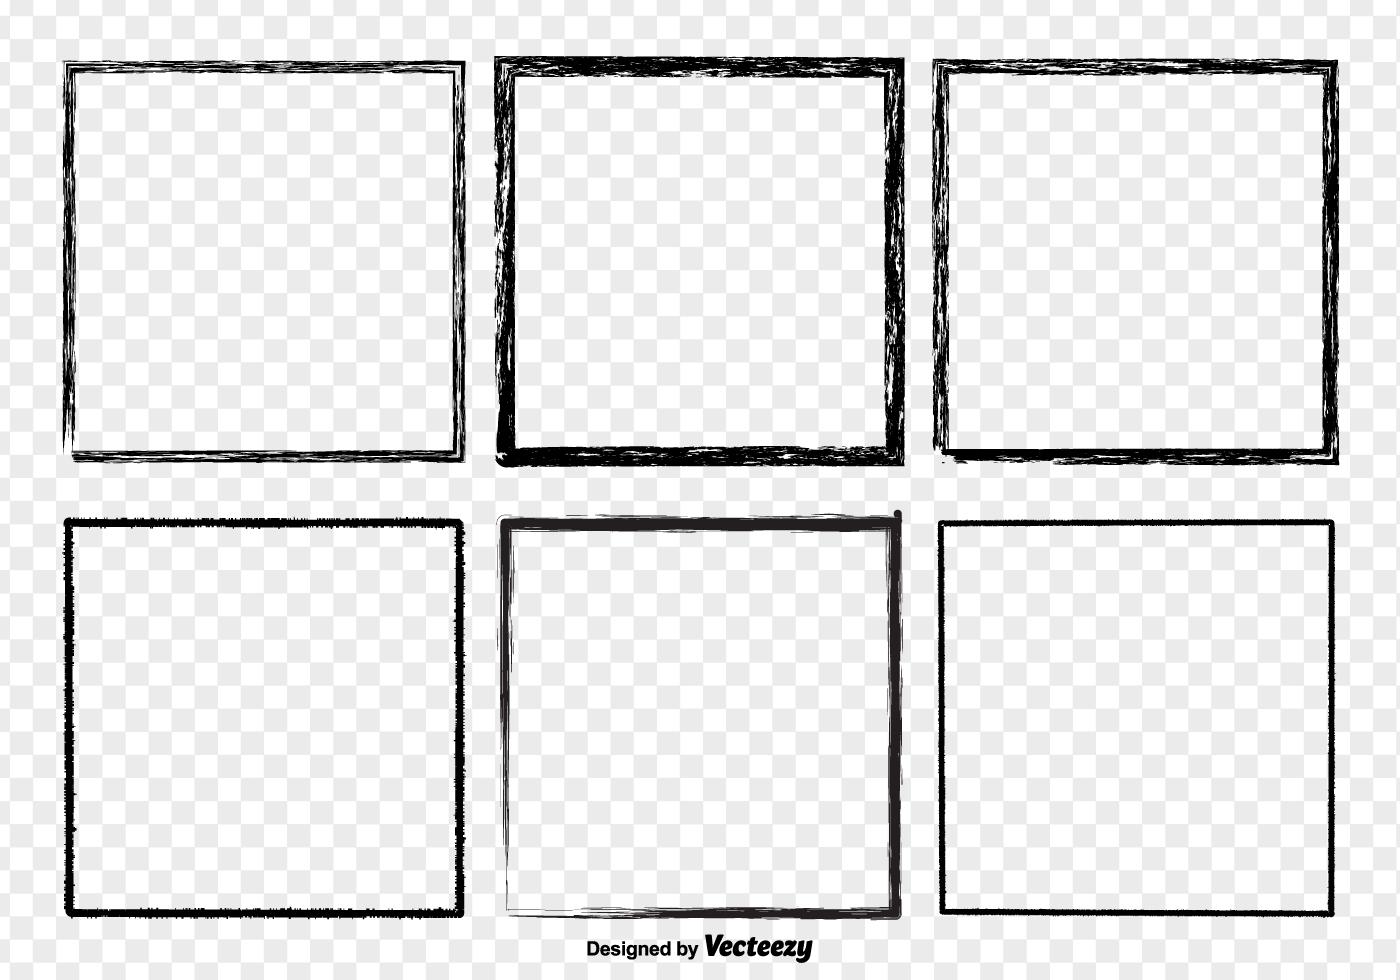 Black Grunge Distressed Border Frames Vector Set